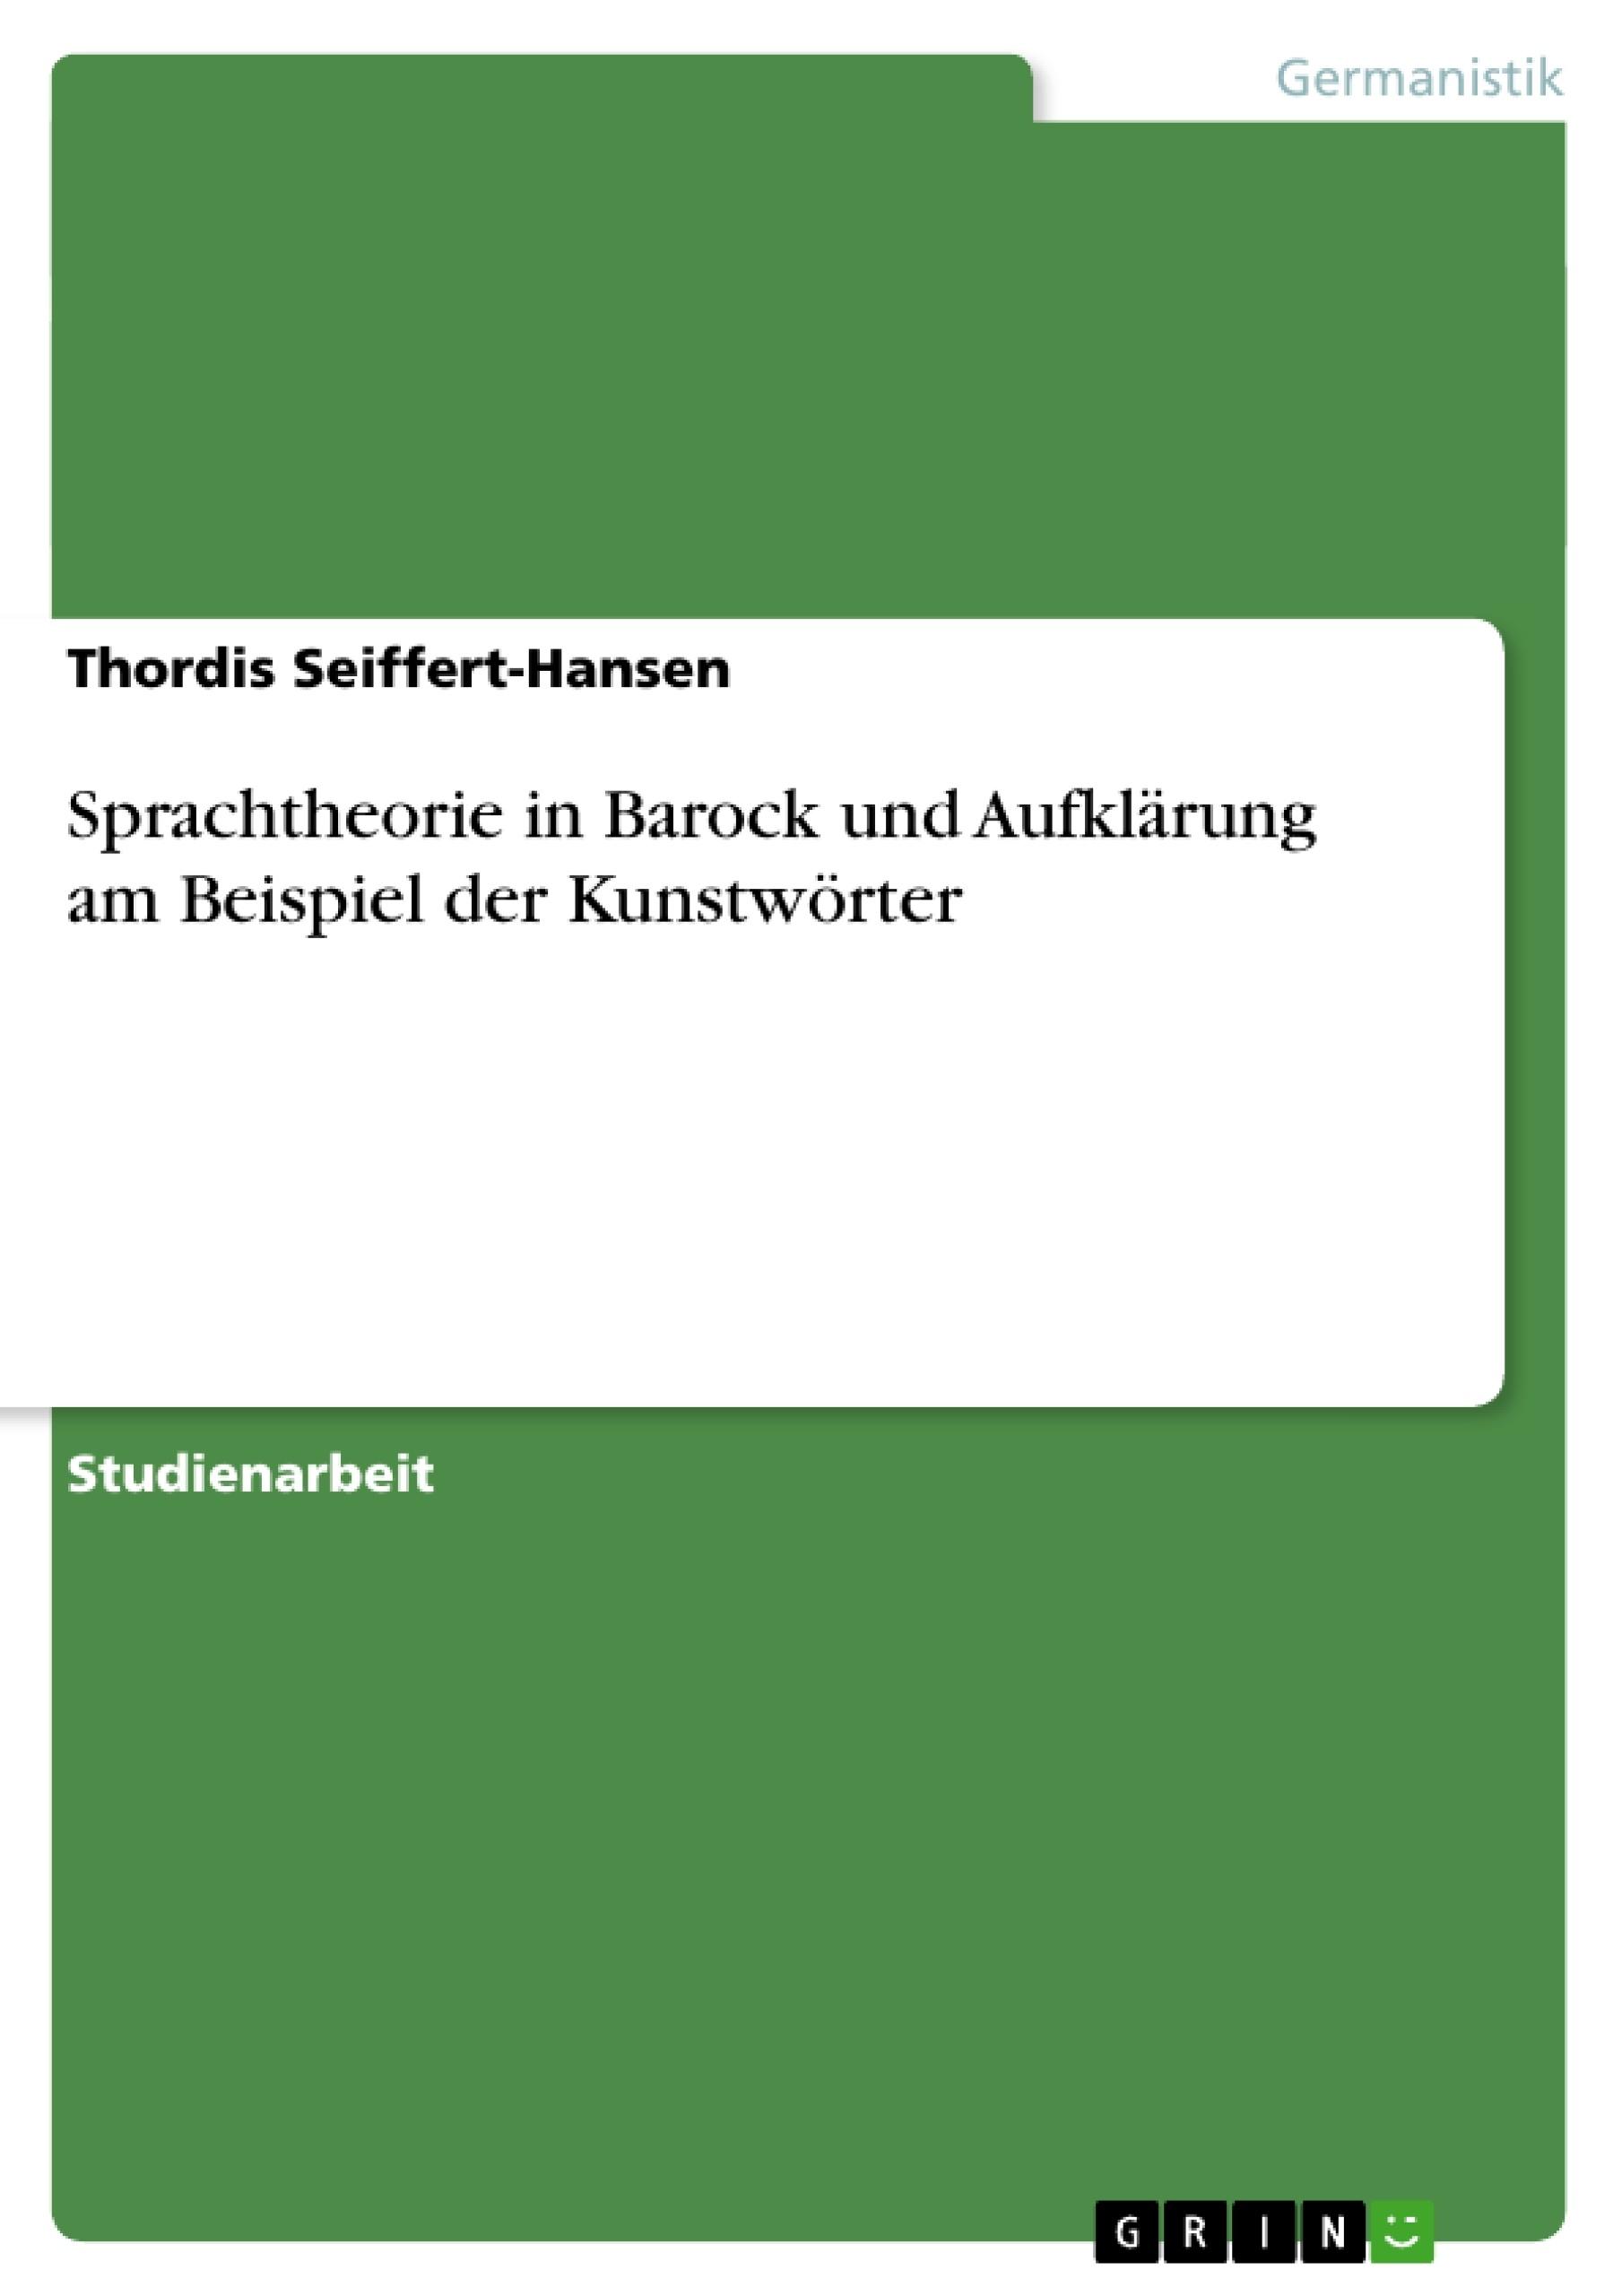 Titel: Sprachtheorie in Barock und Aufklärung am Beispiel der Kunstwörter